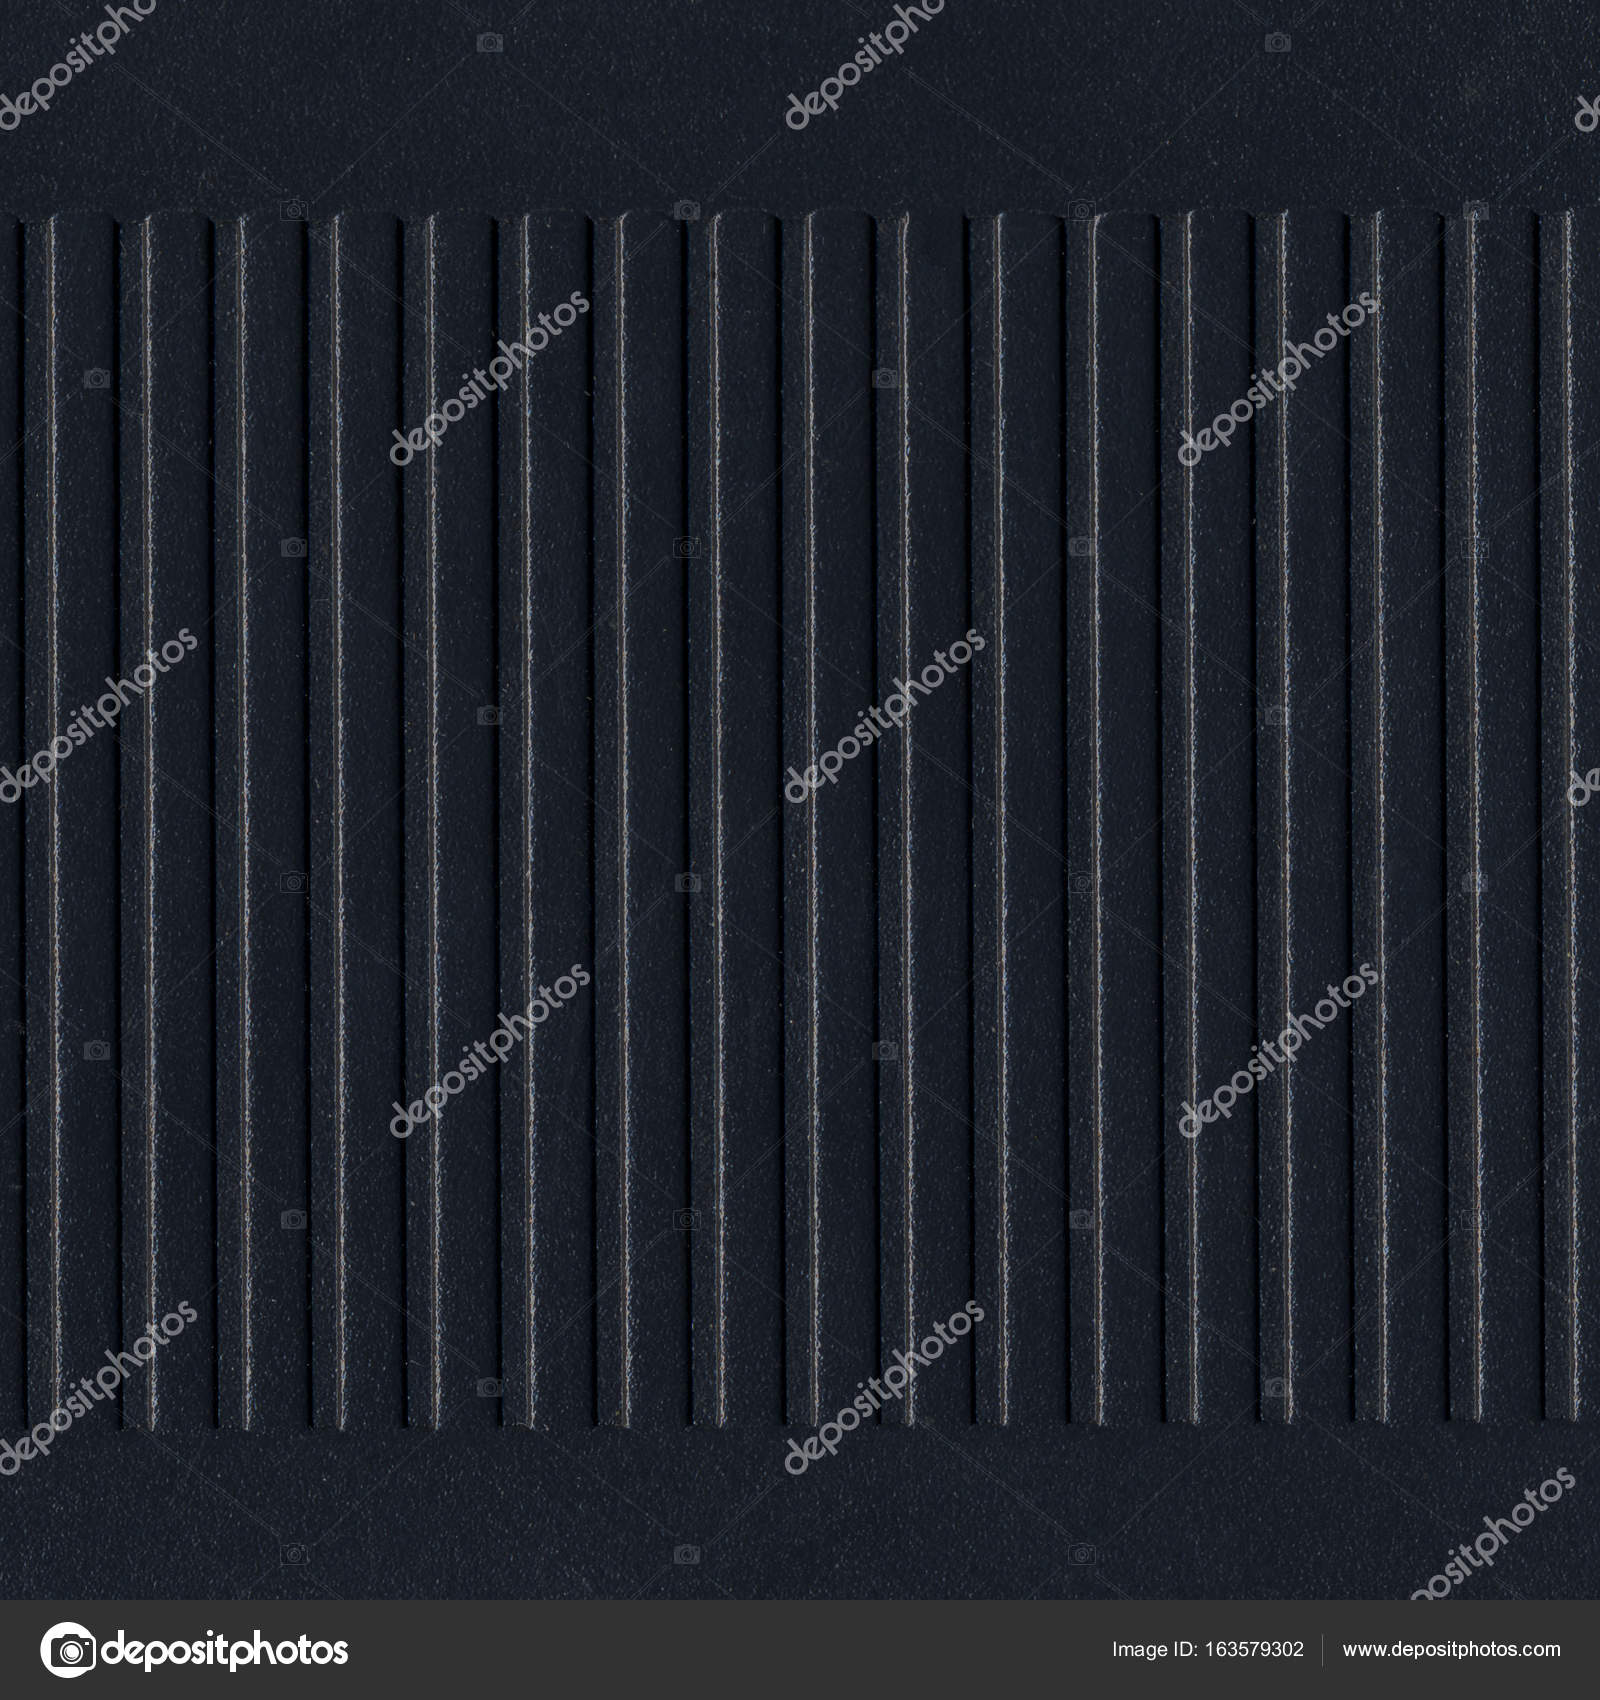 Schwarzer Stahl schwarzer stahl mesh textur hintergrund stockfoto claudiodivizia